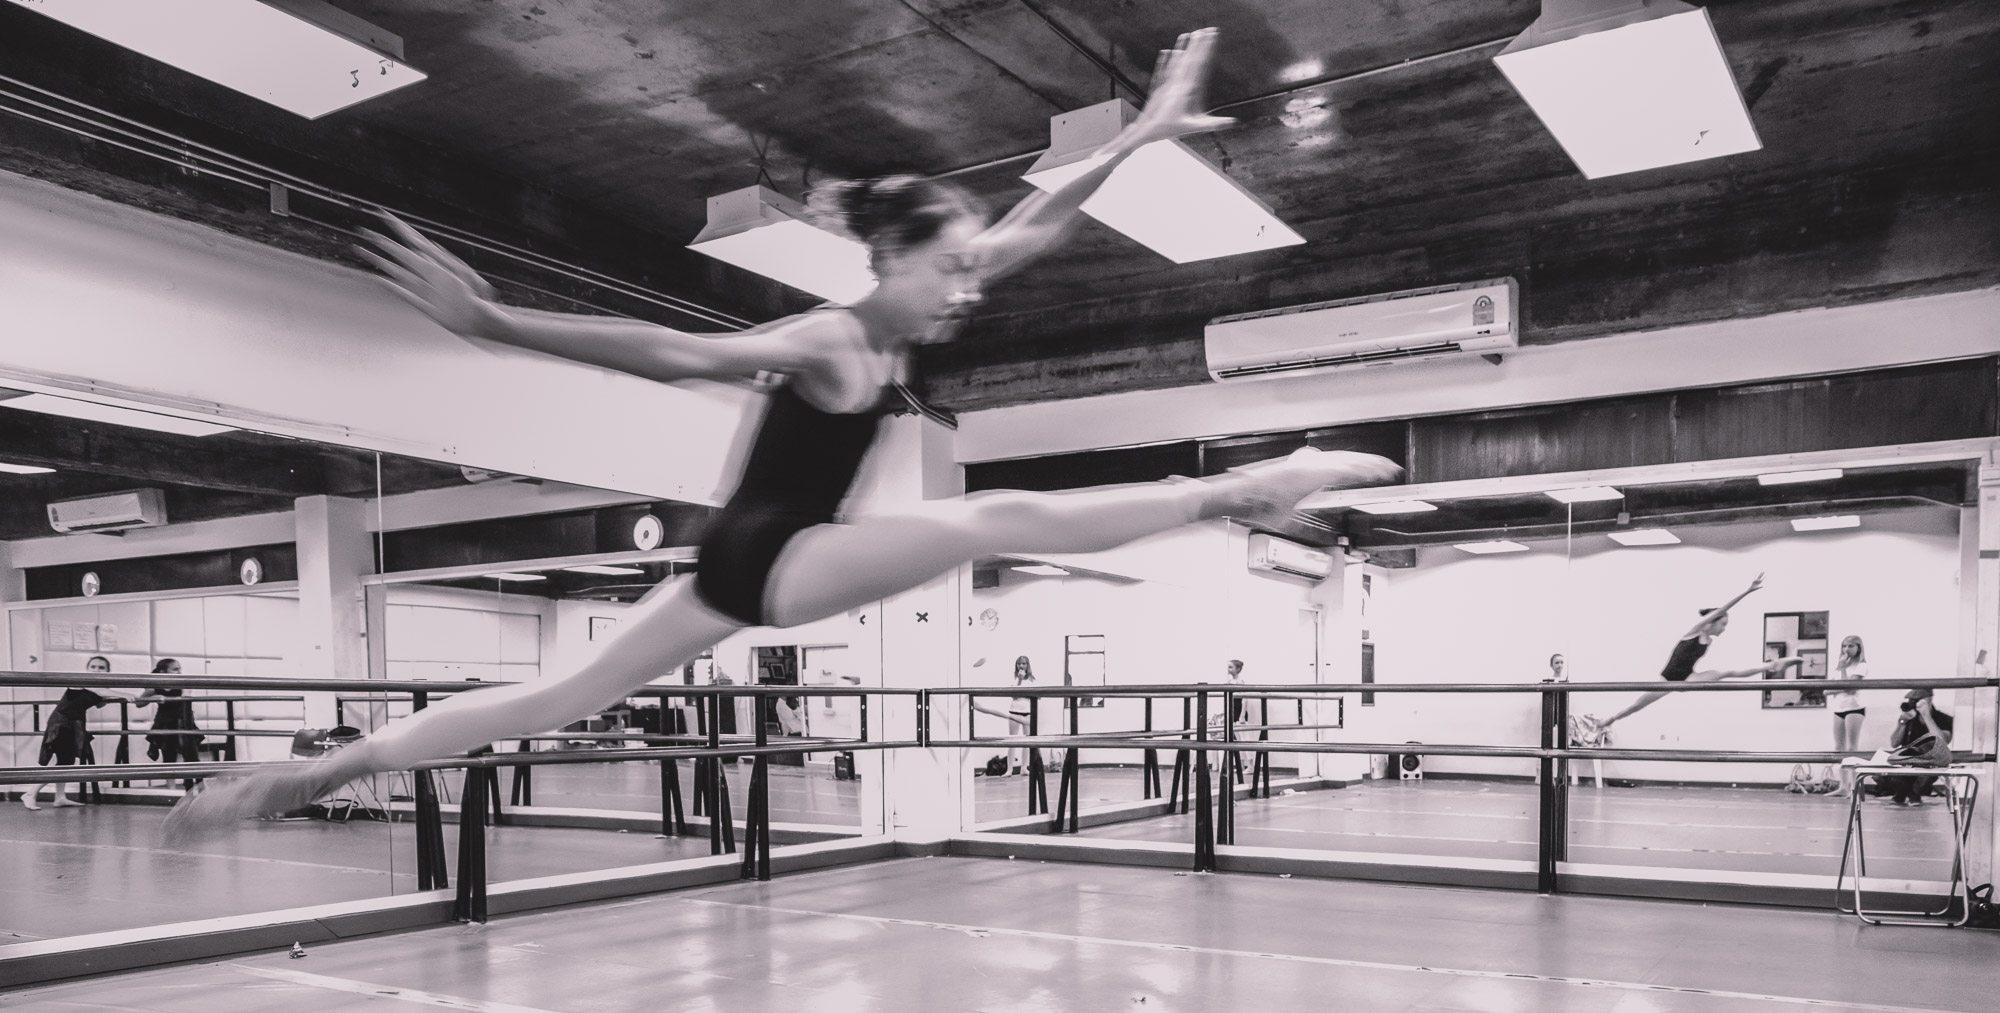 Dancer leaps